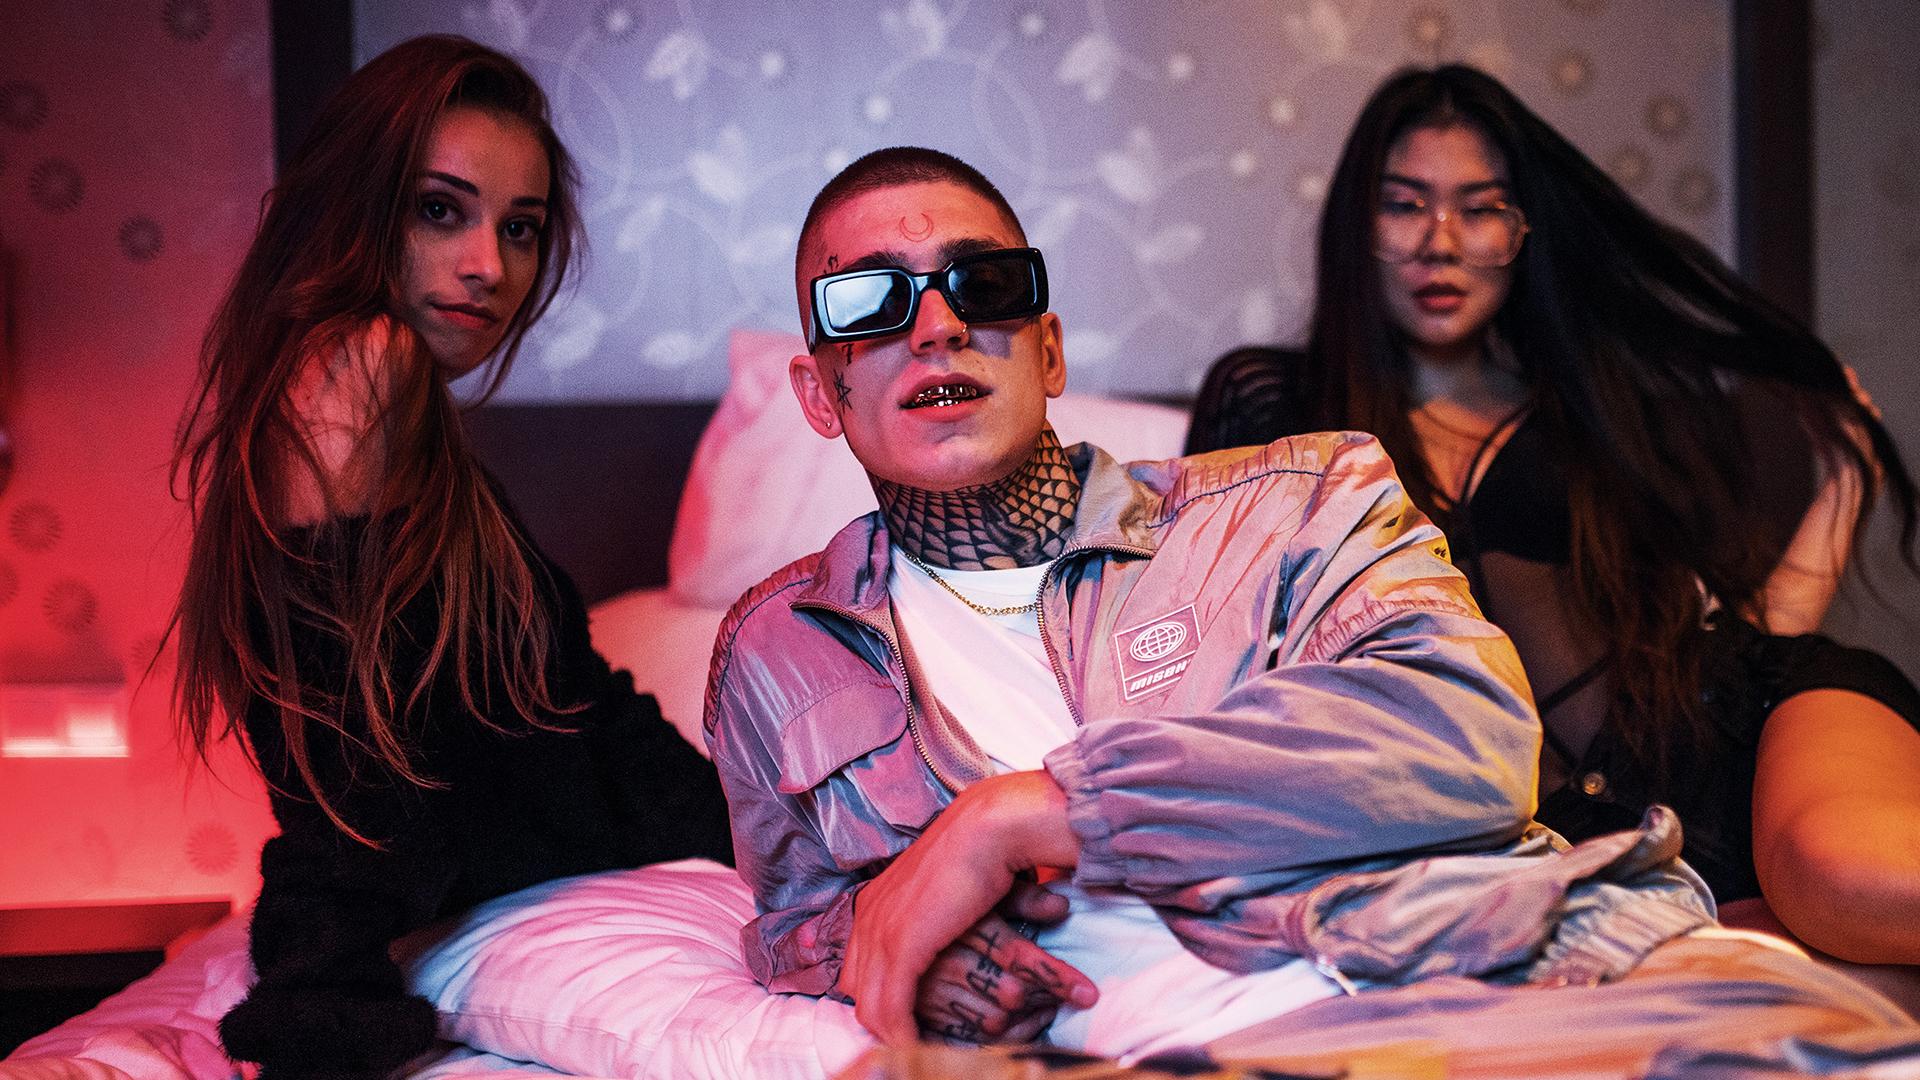 Nik Tendo ohlasuje nový album. S Yzom nakladajú ženám, ktoré sú na peniaze